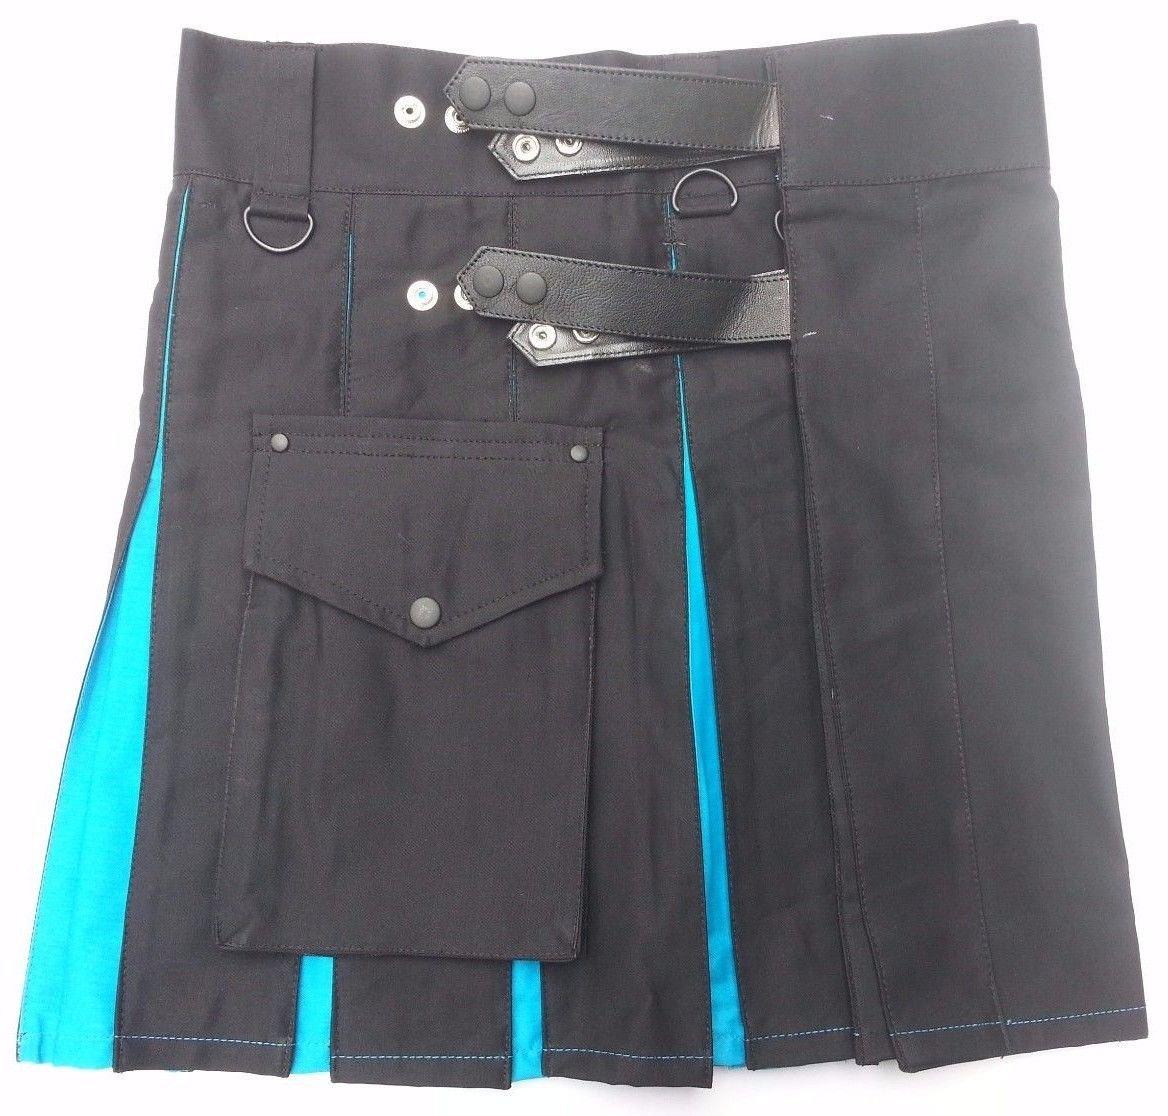 """42"""" Ladies TDK Black & Blue Cotton Hybrid Kilt, Leather Straps Tactical Duty Kilt Black/Blue Cotton"""